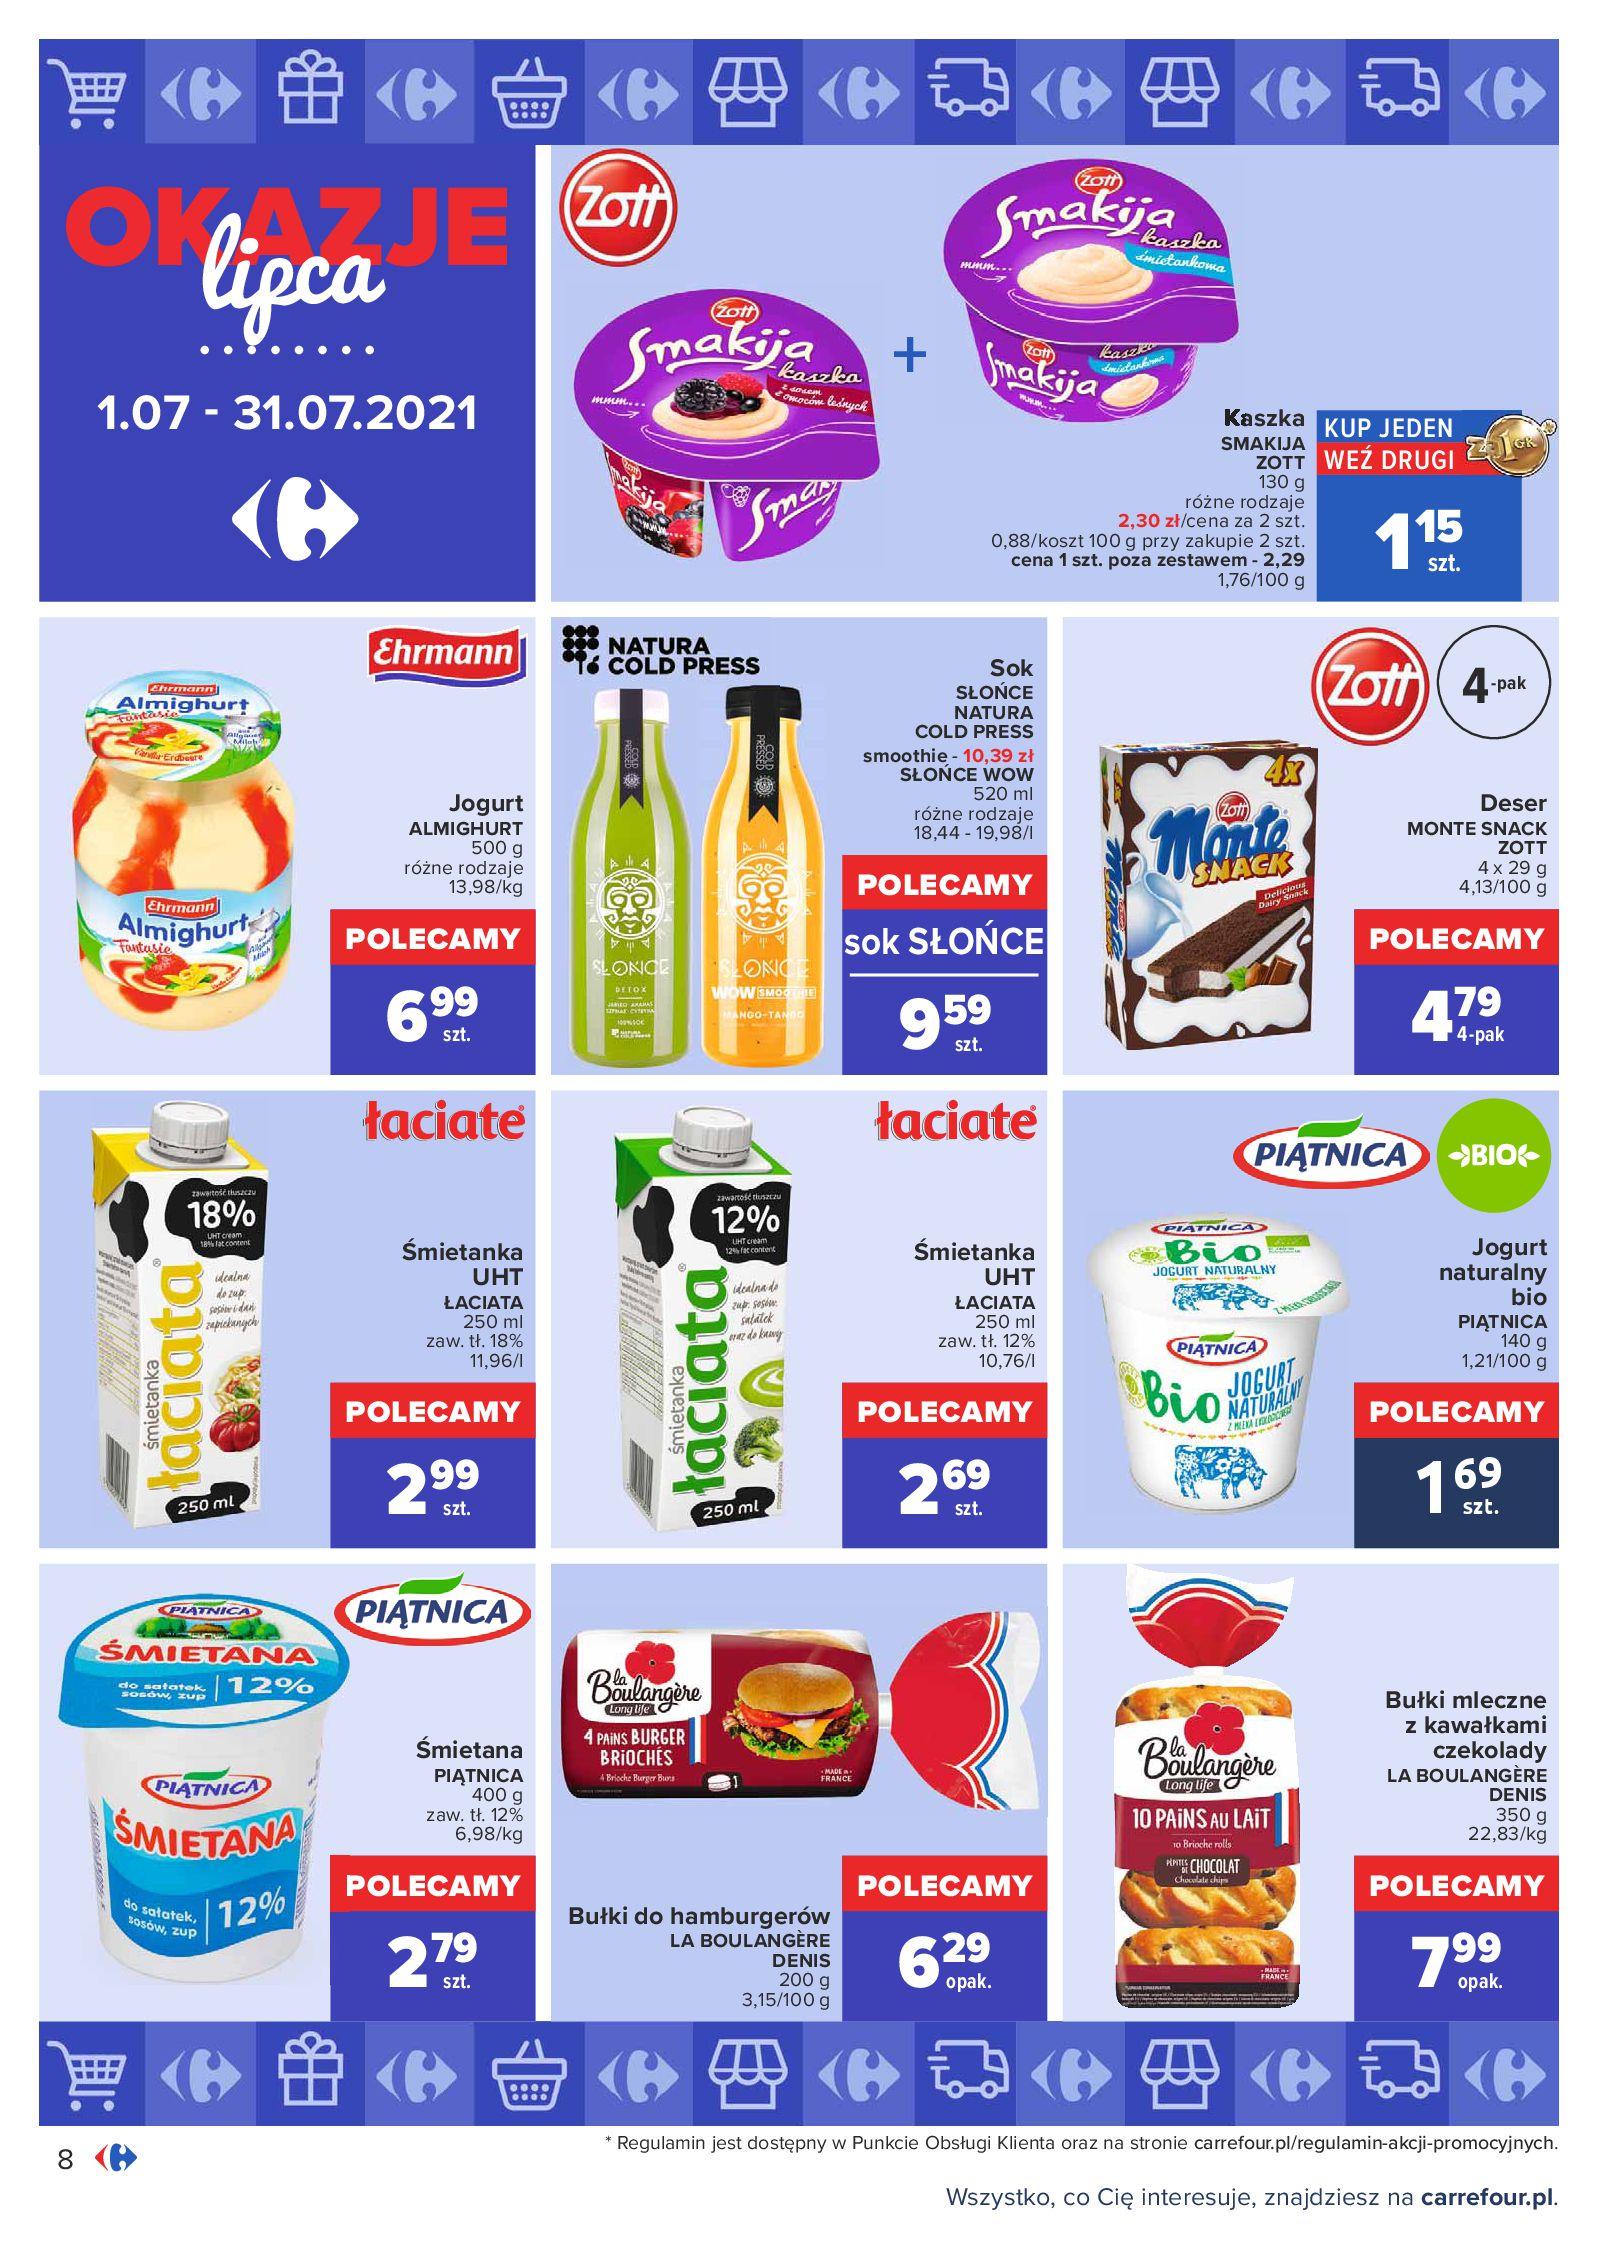 Gazetka Carrefour: Gazetka Carrefour - Okazje lipca 2021-07-01 page-8